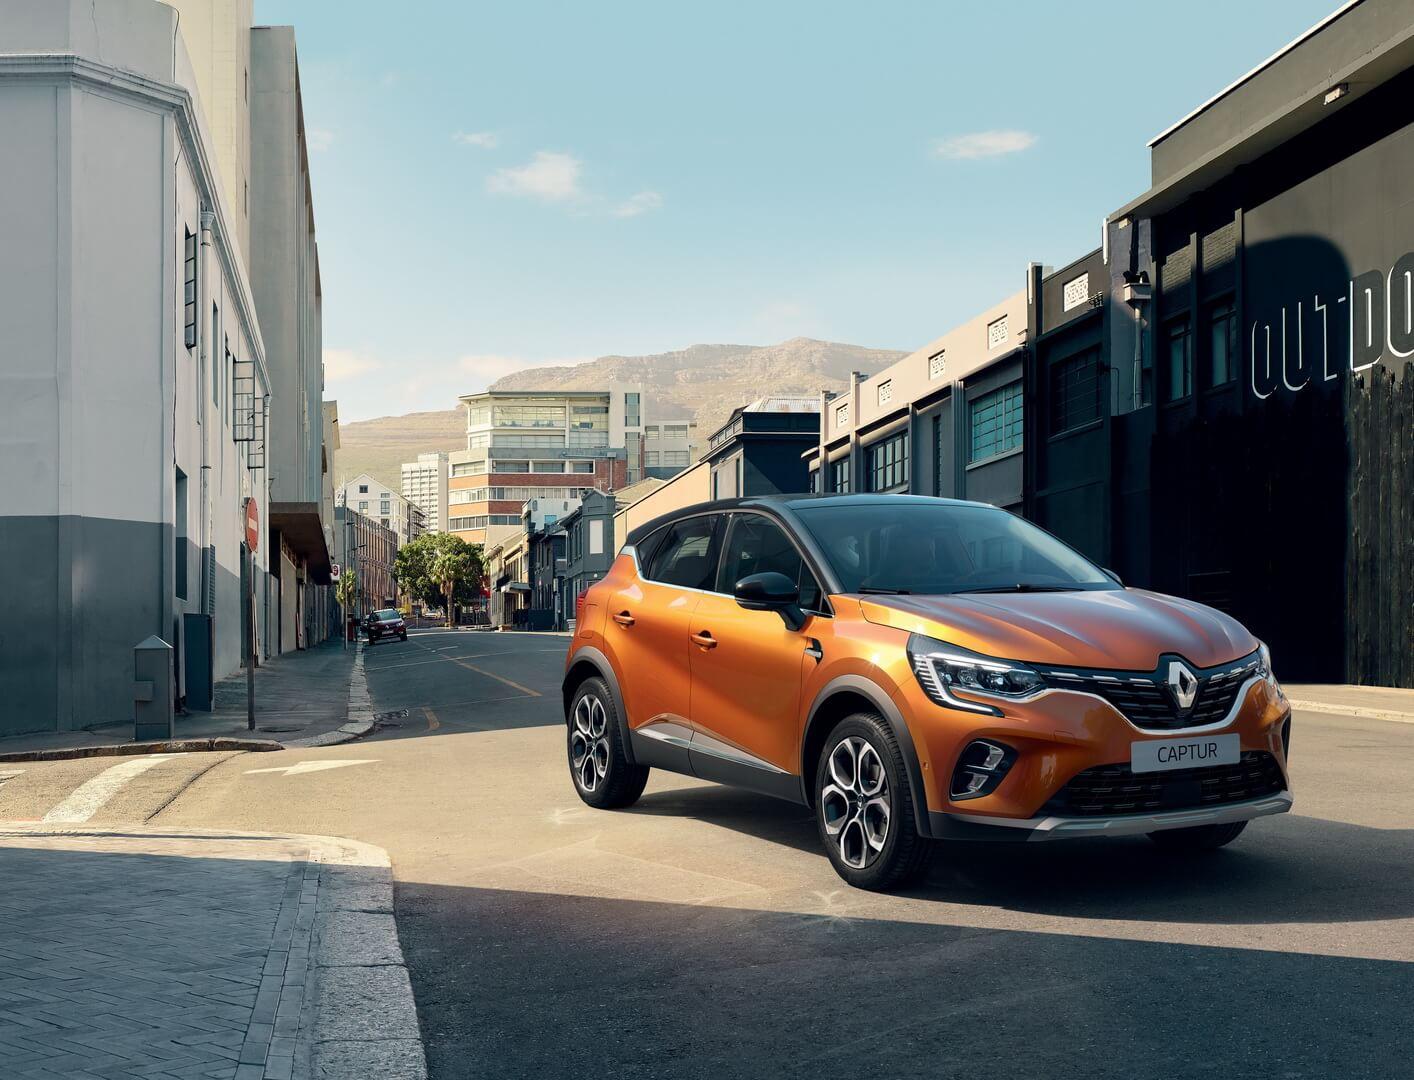 Плагин-гибридная версия Renault Captur будет доступна в 2020 году